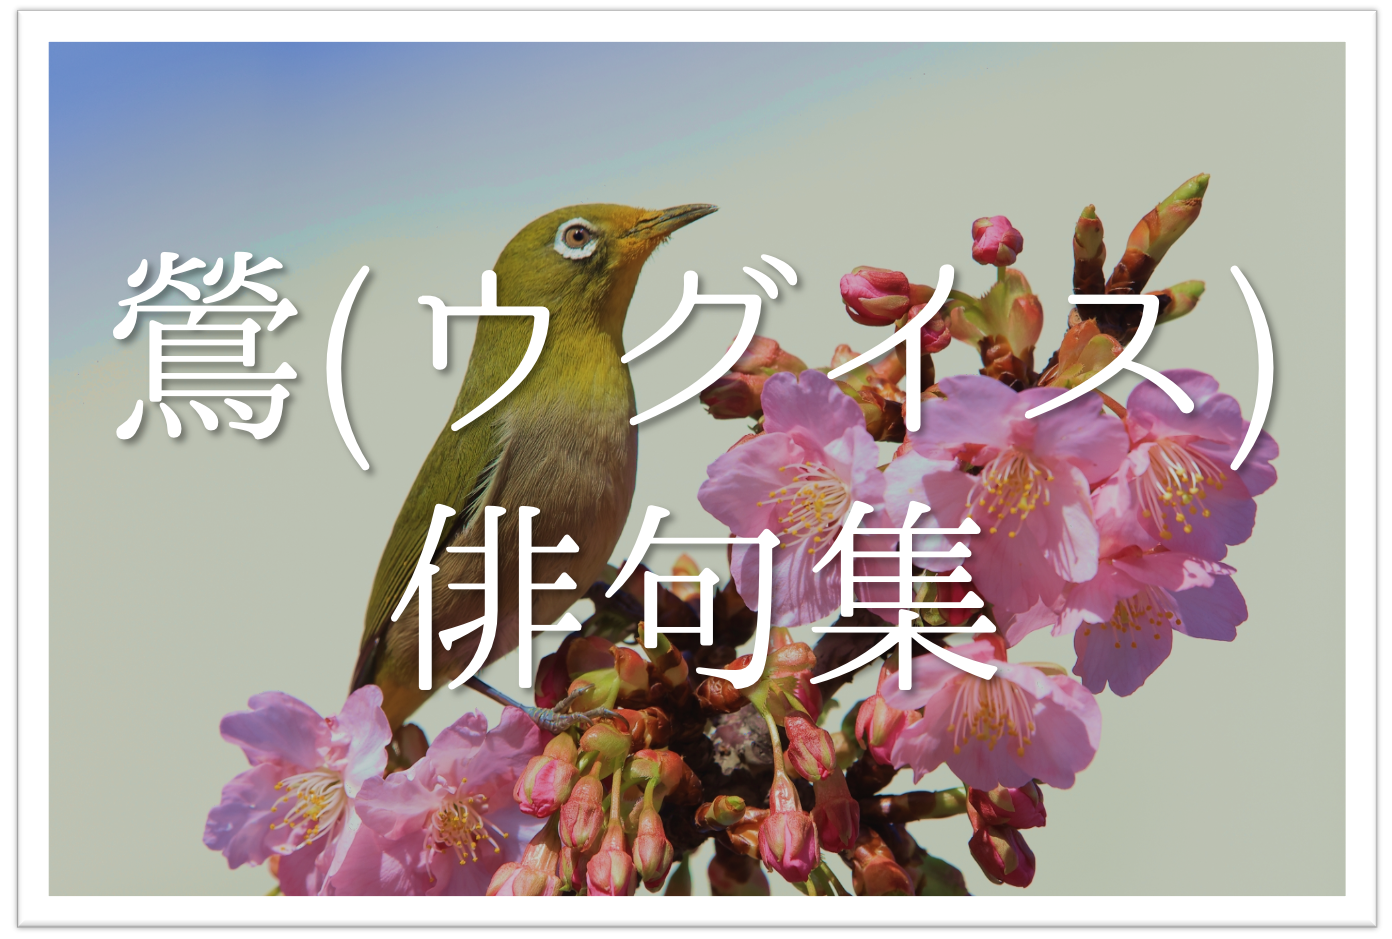 【鶯(ウグイス)の俳句 20選】知っておきたい!!季語を含むおすすめ有名&素人俳句を紹介